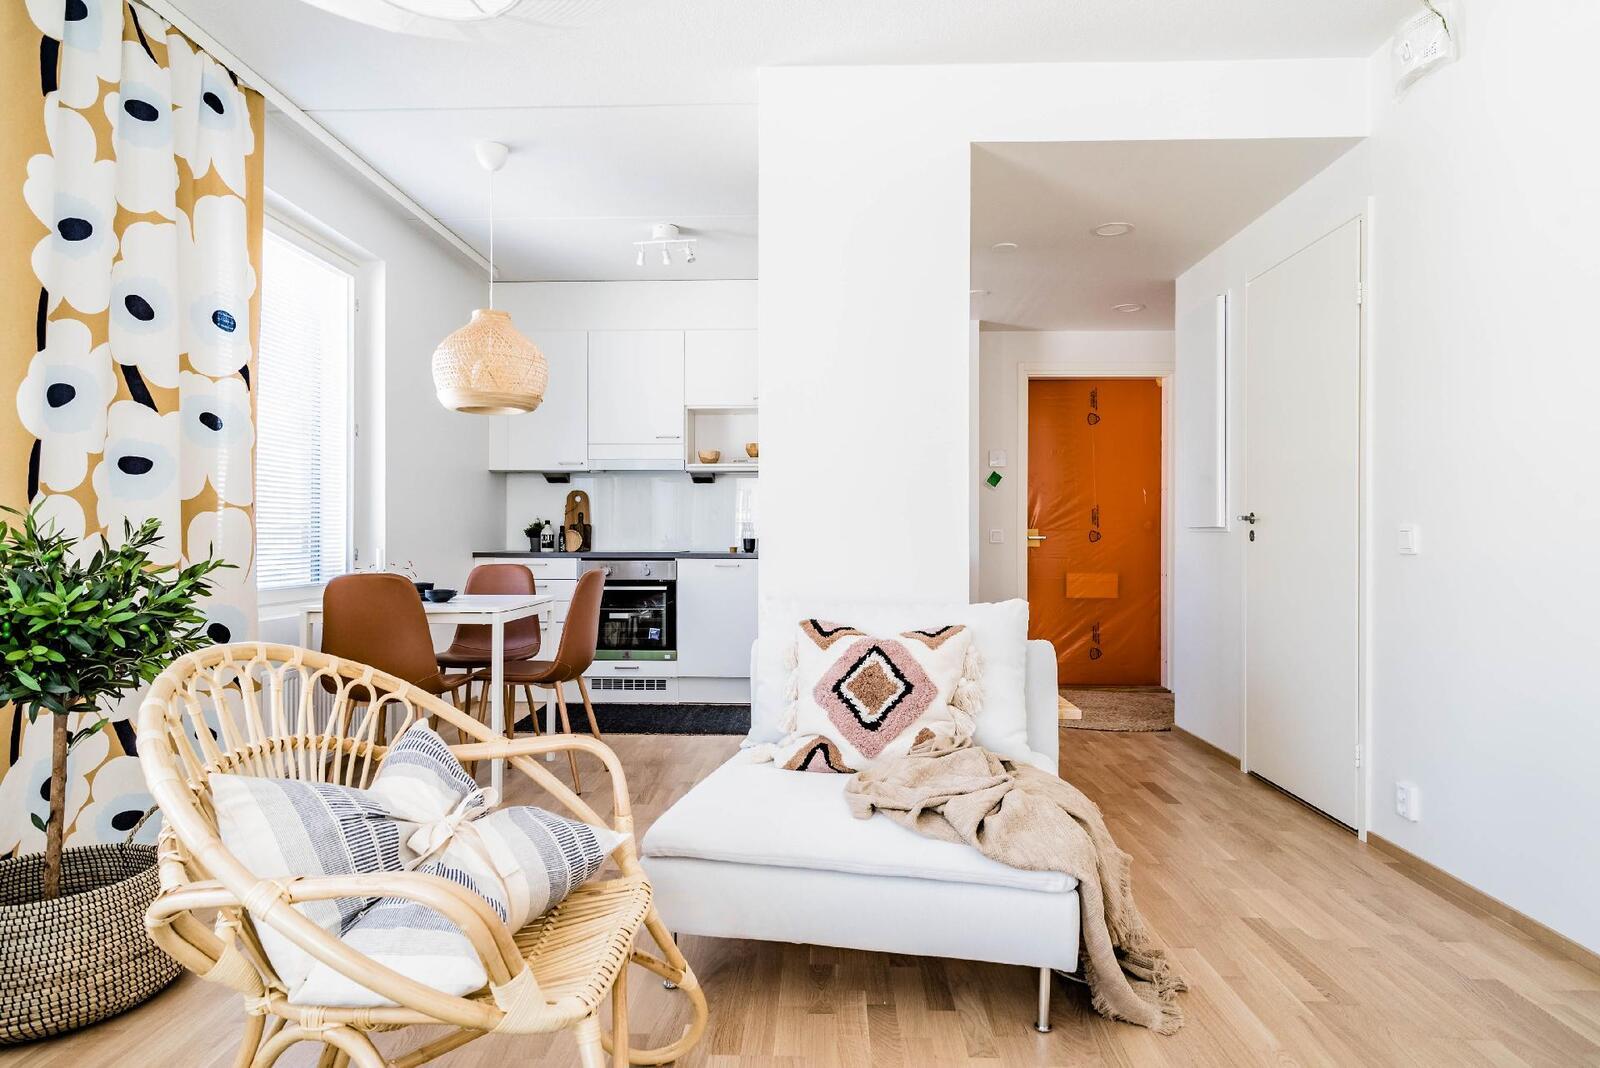 Esittelyasunto C57, 3h, k, 60 m², olohuone, keittiö, eteinen